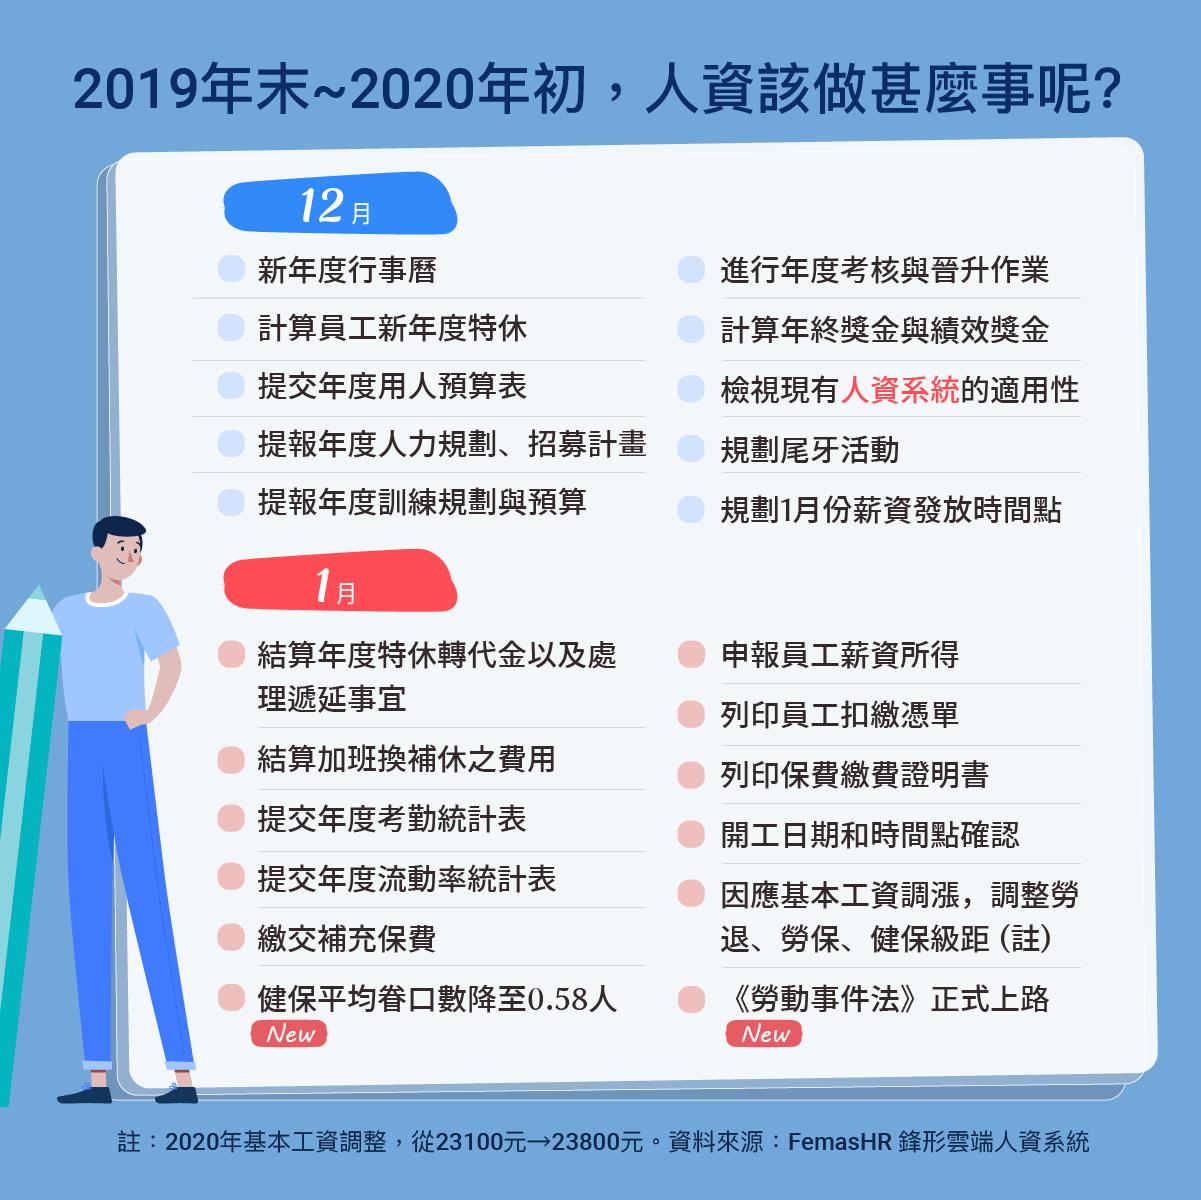 2019年末-2020年初,人資該完成哪些事?-出缺勤紀錄